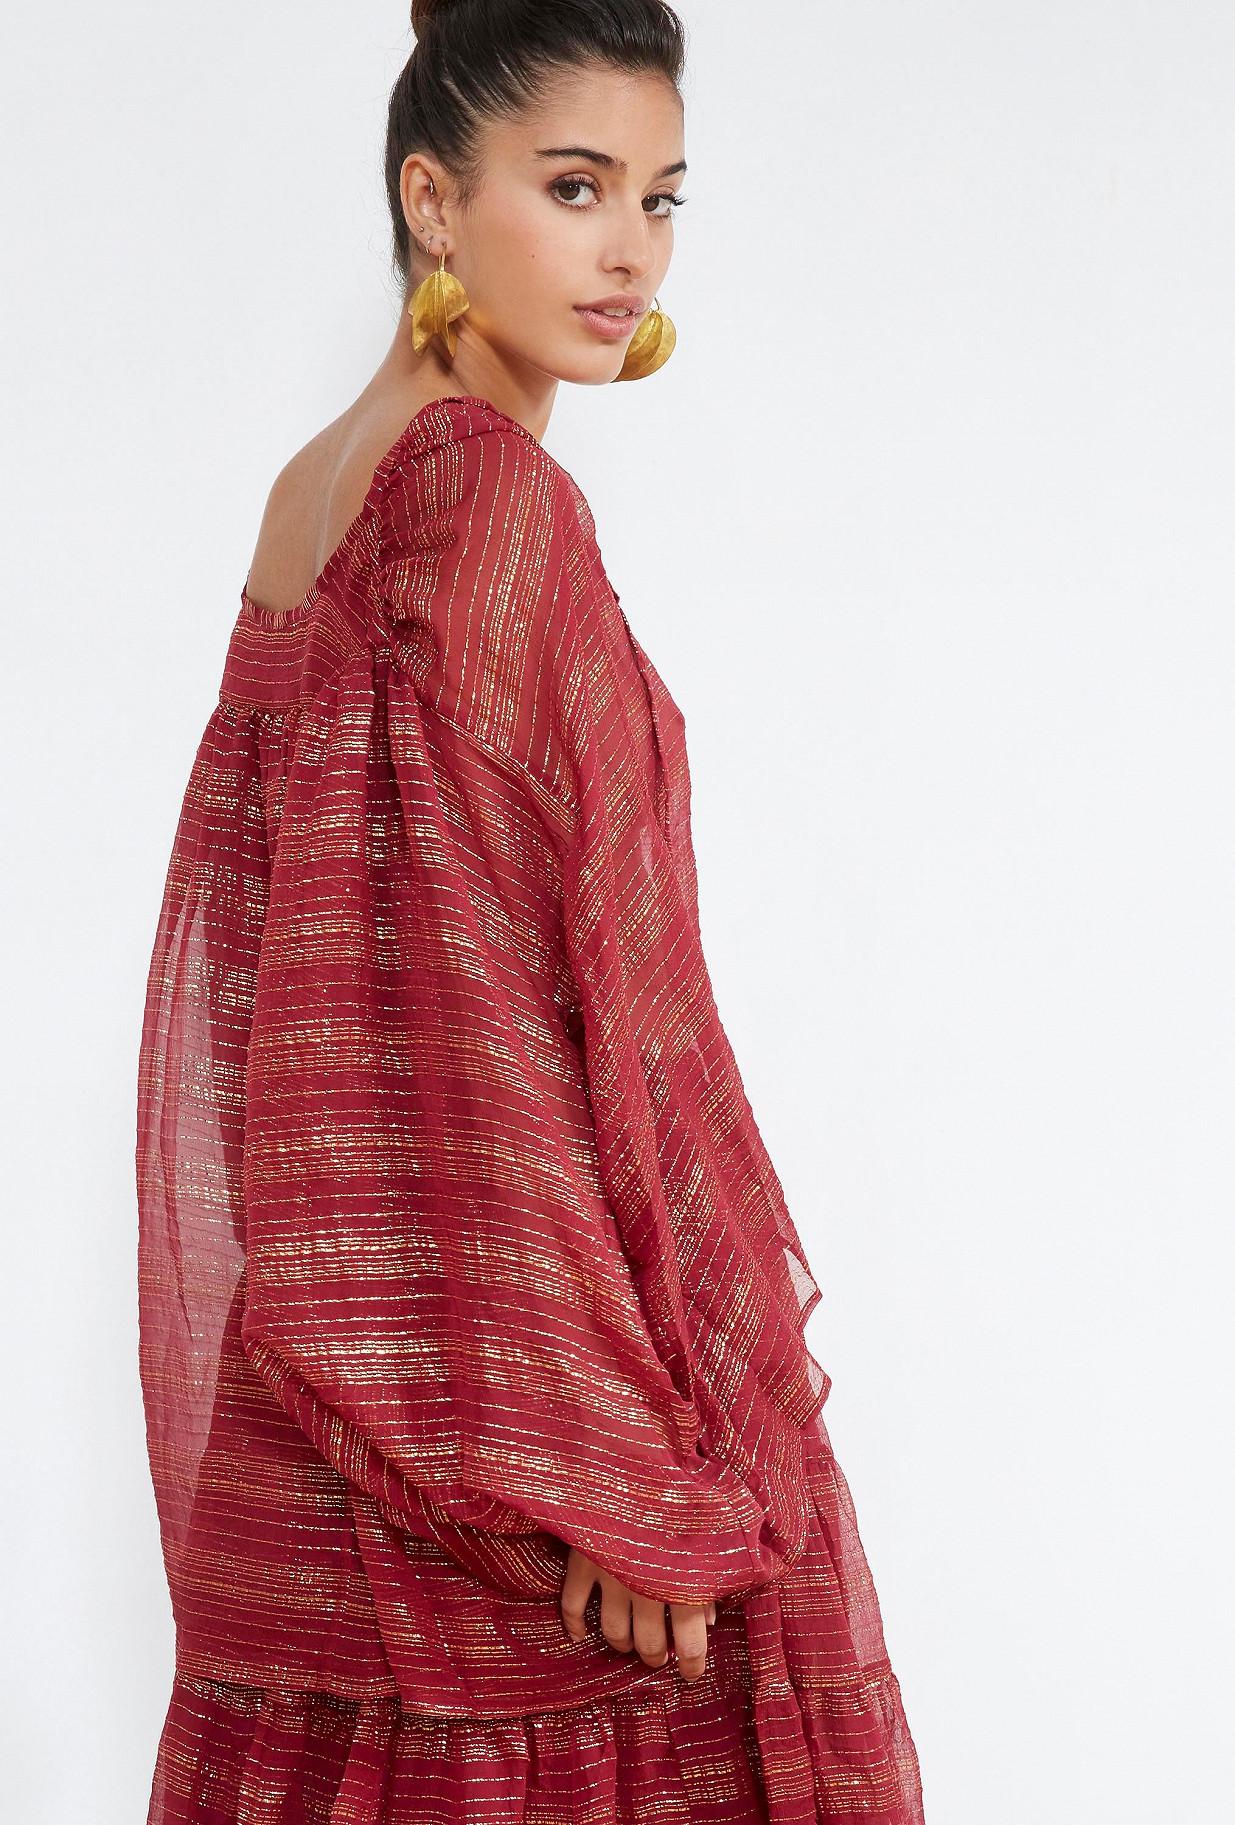 Berry  BLOUSE  Esteban Mes demoiselles fashion clothes designer Paris